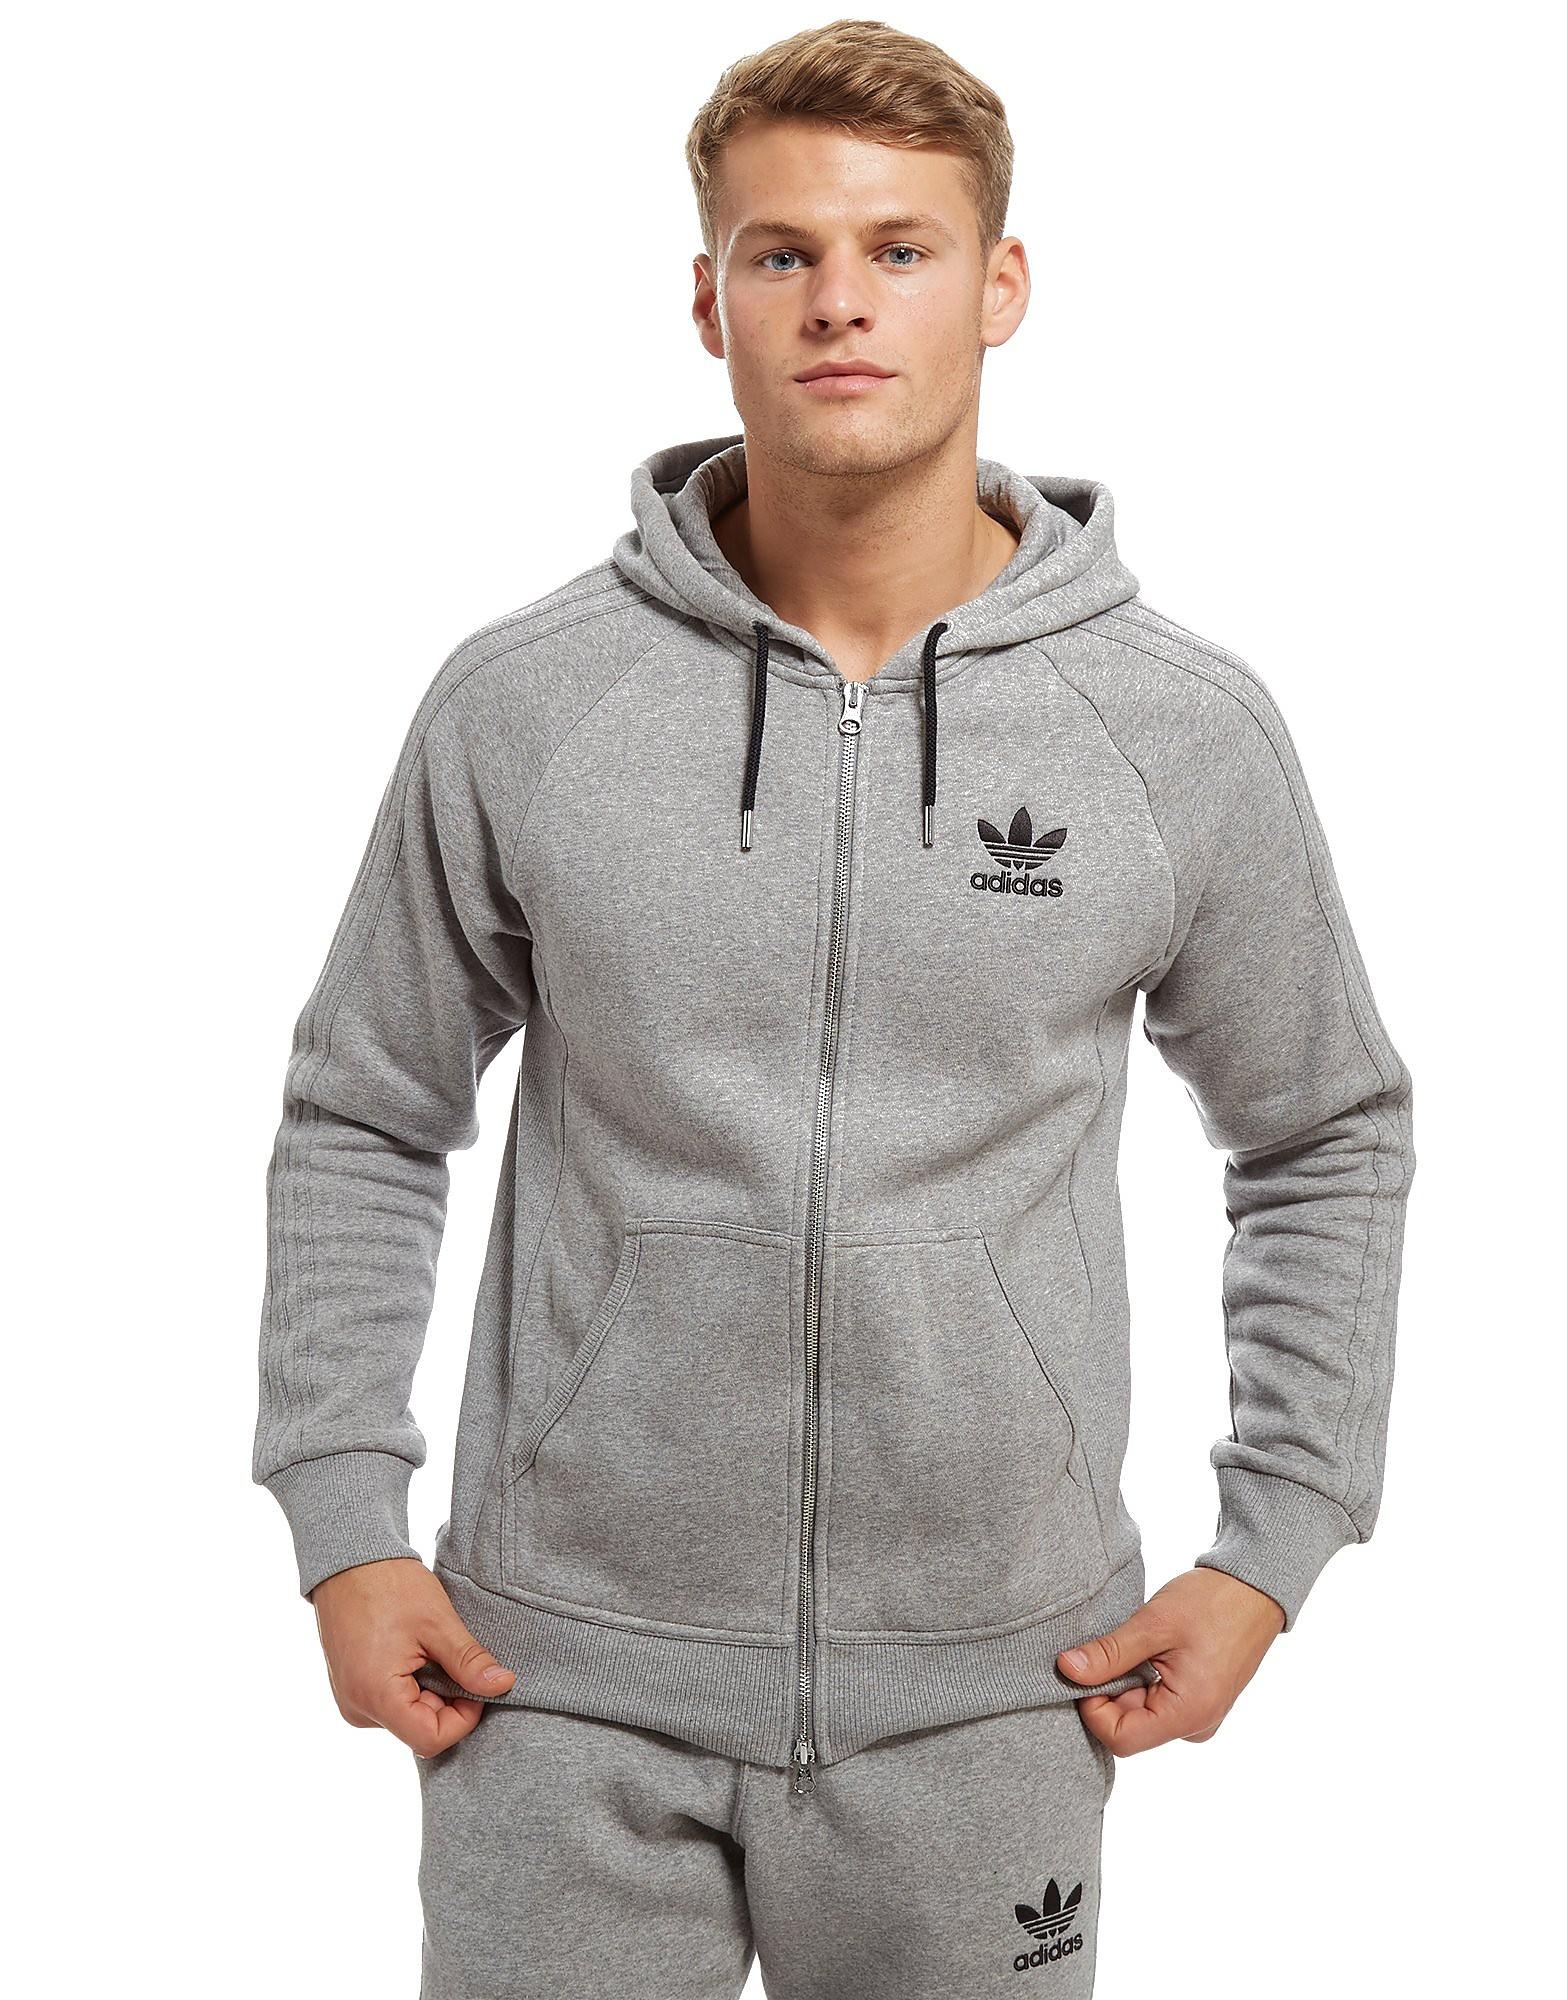 adidas Originals Sweat Premium Homme